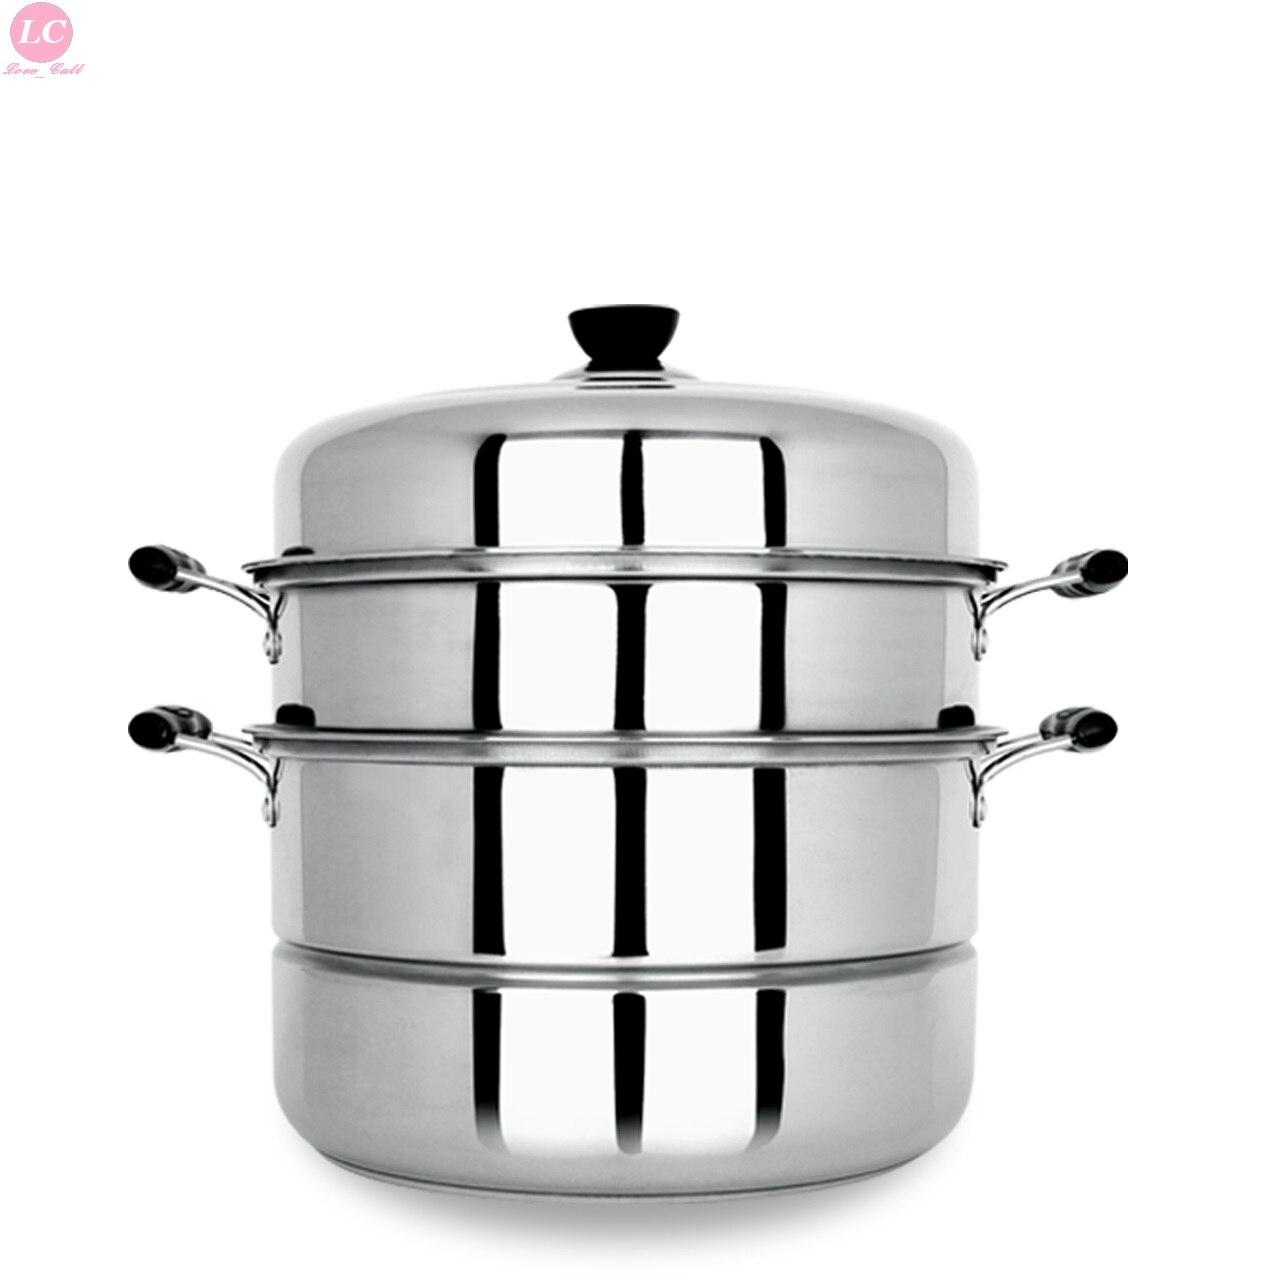 Cuisson vapeur maison acier inoxydable 3 couches 28 cm épaisseur cuisinière cuit à la vapeur 13 litres batterie de cuisine